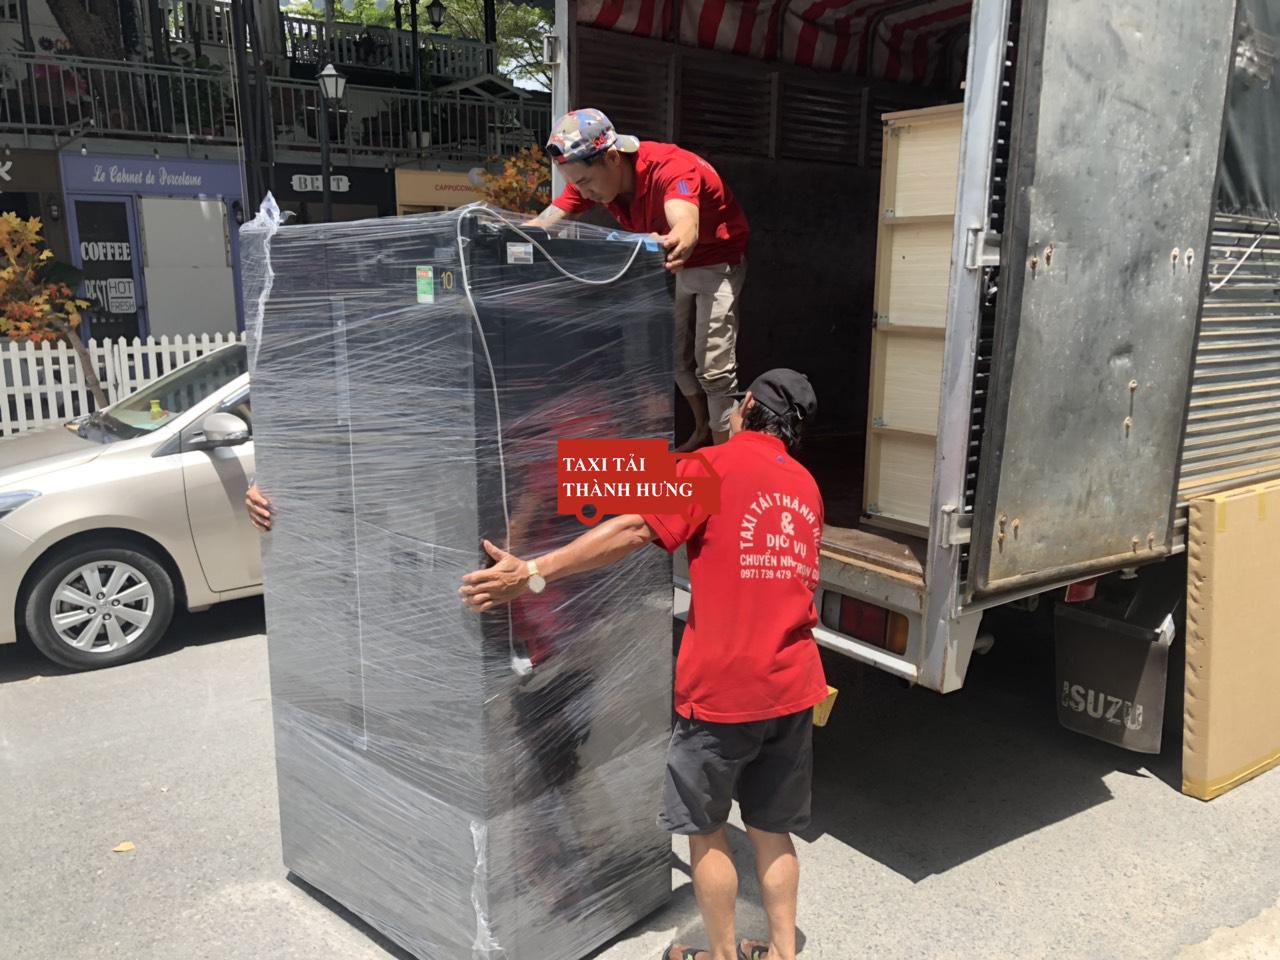 chuyển nhà thành hưng,Taxi tải Thành Hưng chuyển đồ nhanh quận 9